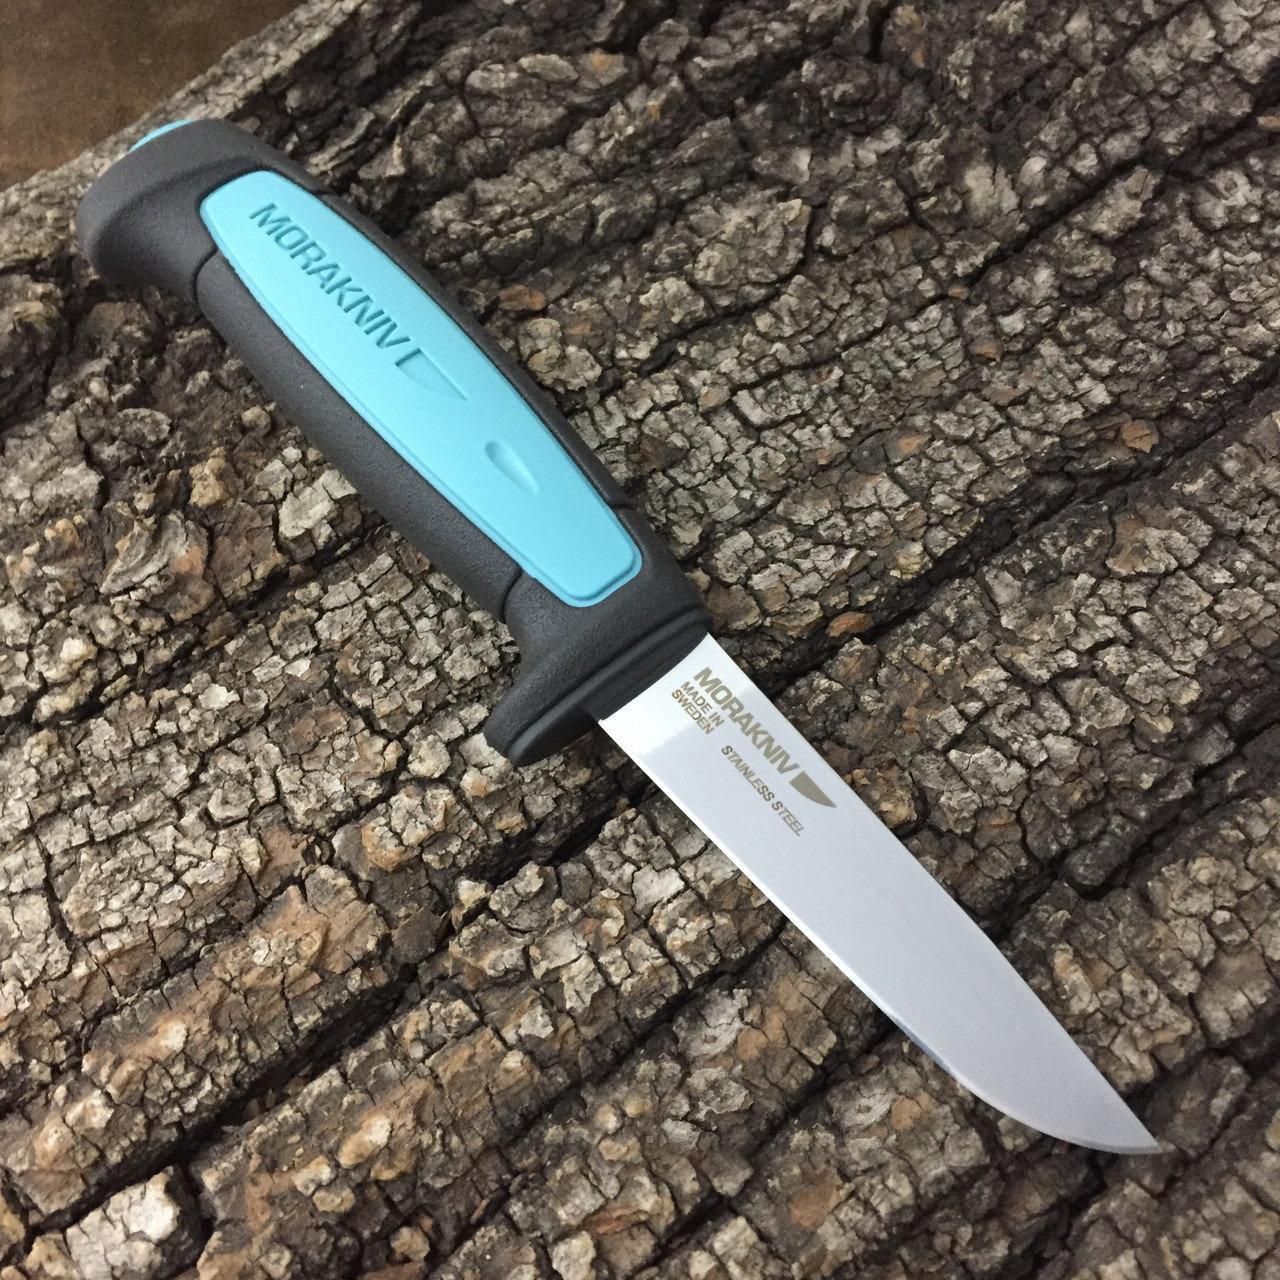 Фото 10 - Нож с фиксированным лезвием Morakniv Flex, сталь Sandvik 12C27, рукоять резина/пластик, светло-синий